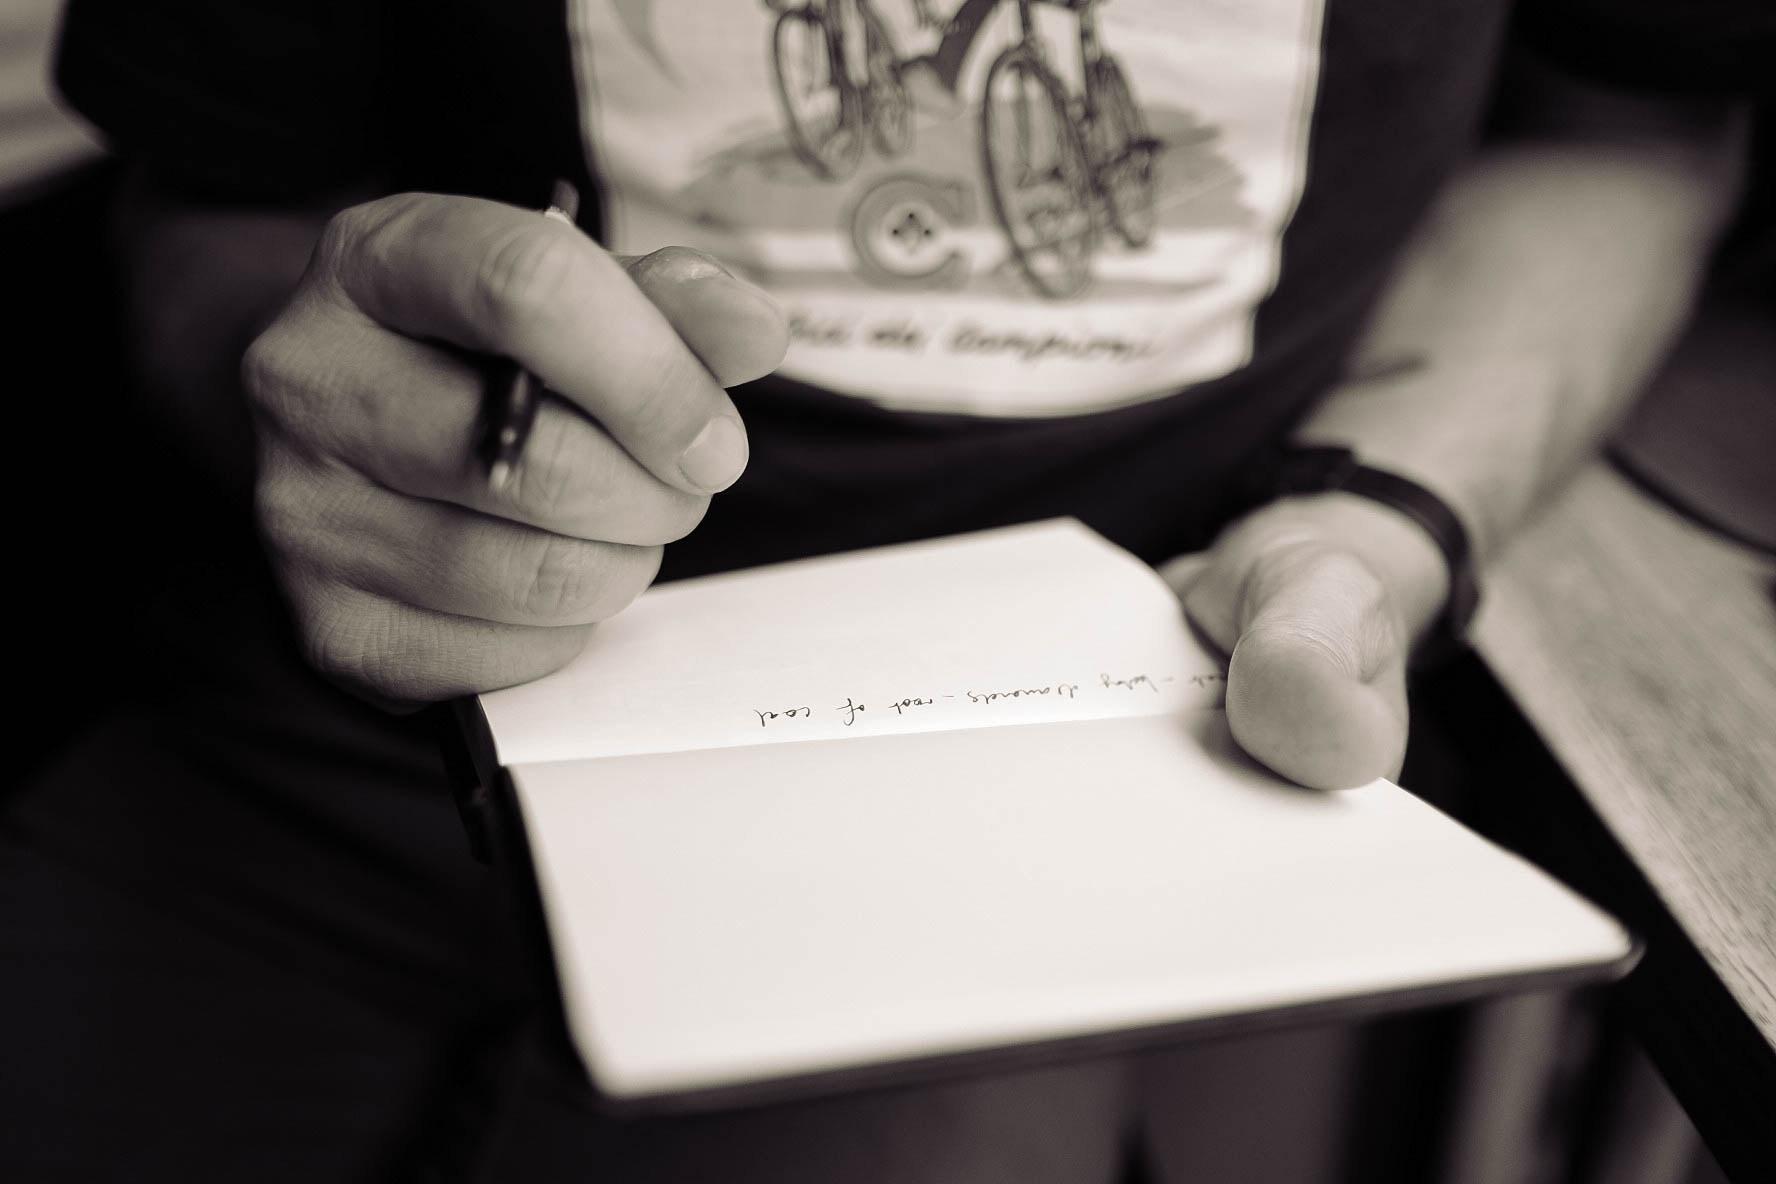 Vil du læse i Eva Persson blog?